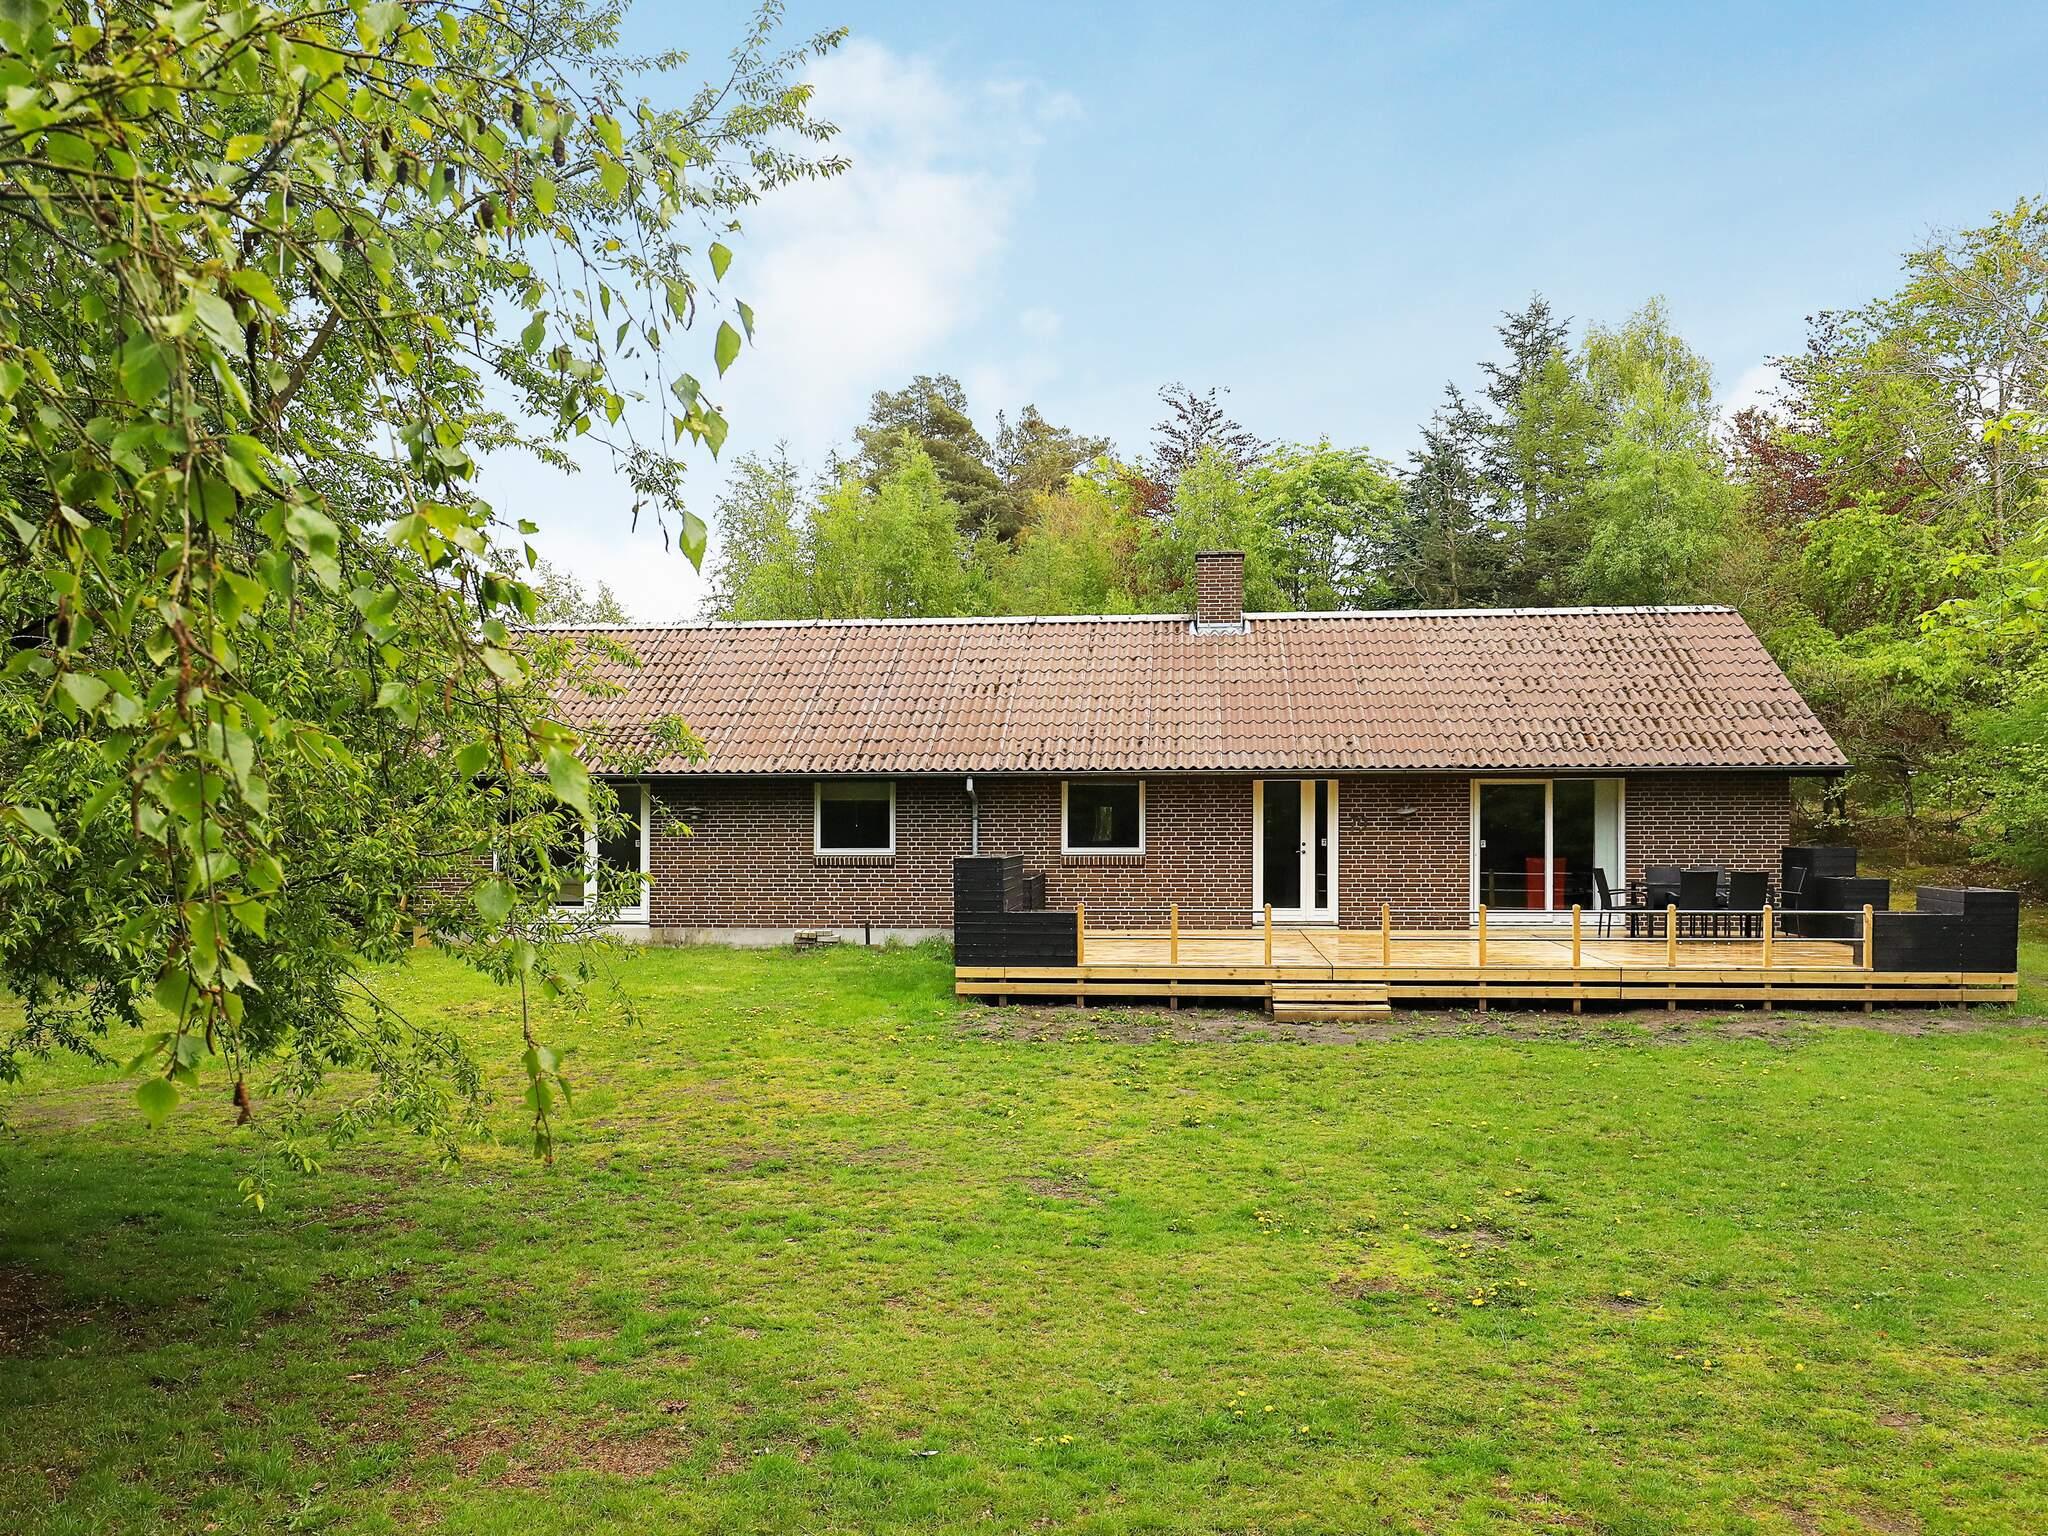 Ferienhaus Lynderup (953846), Lynderup, , Ostjütland, Dänemark, Bild 19